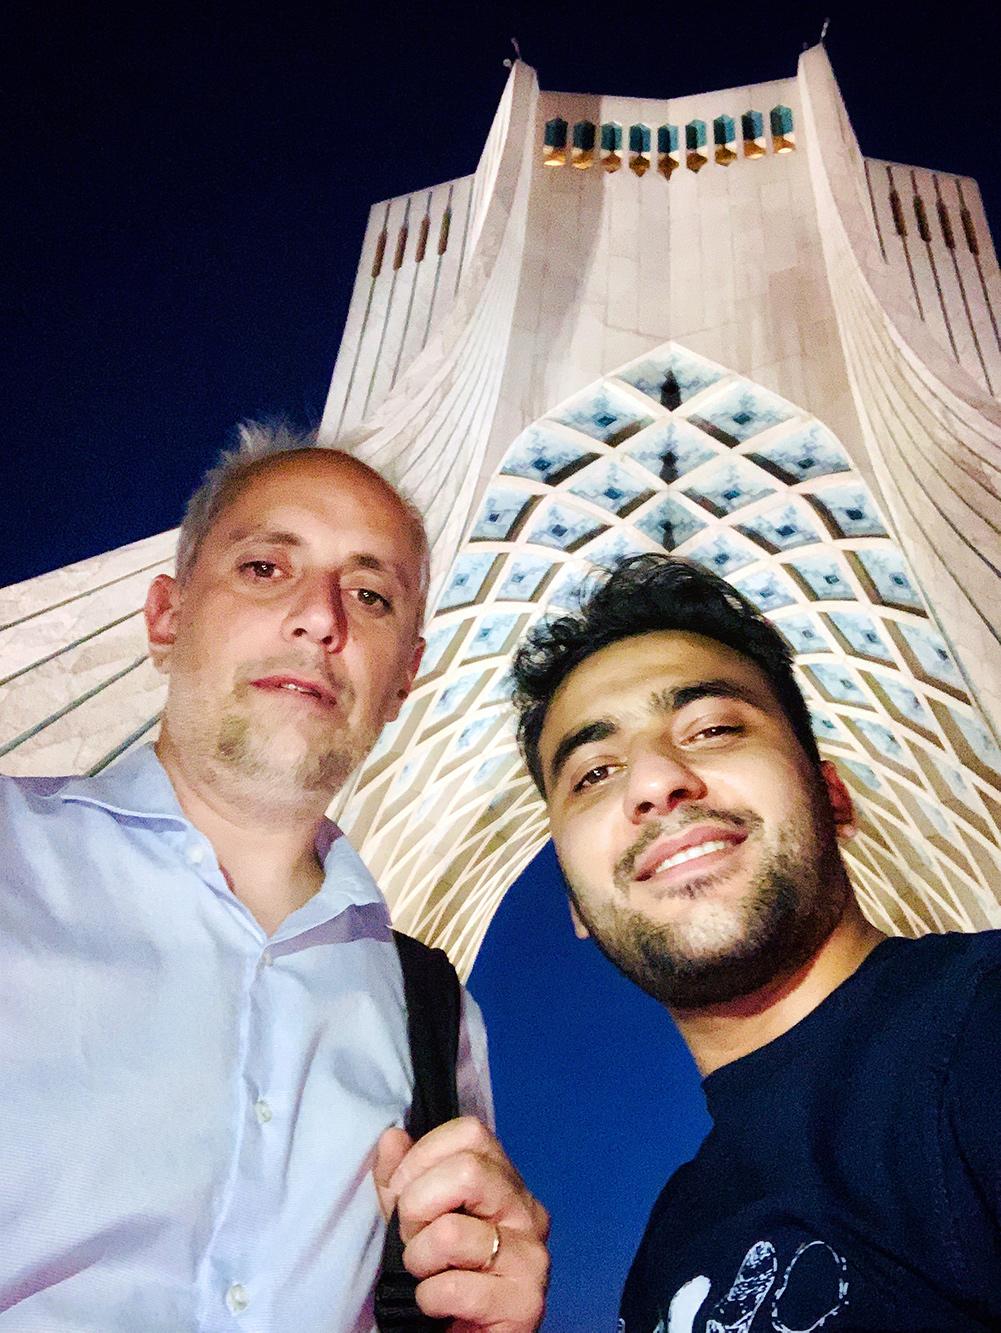 عباس ملک حسینی و پروفسور اوانگلاس کیراکیدیس در برج آزادی